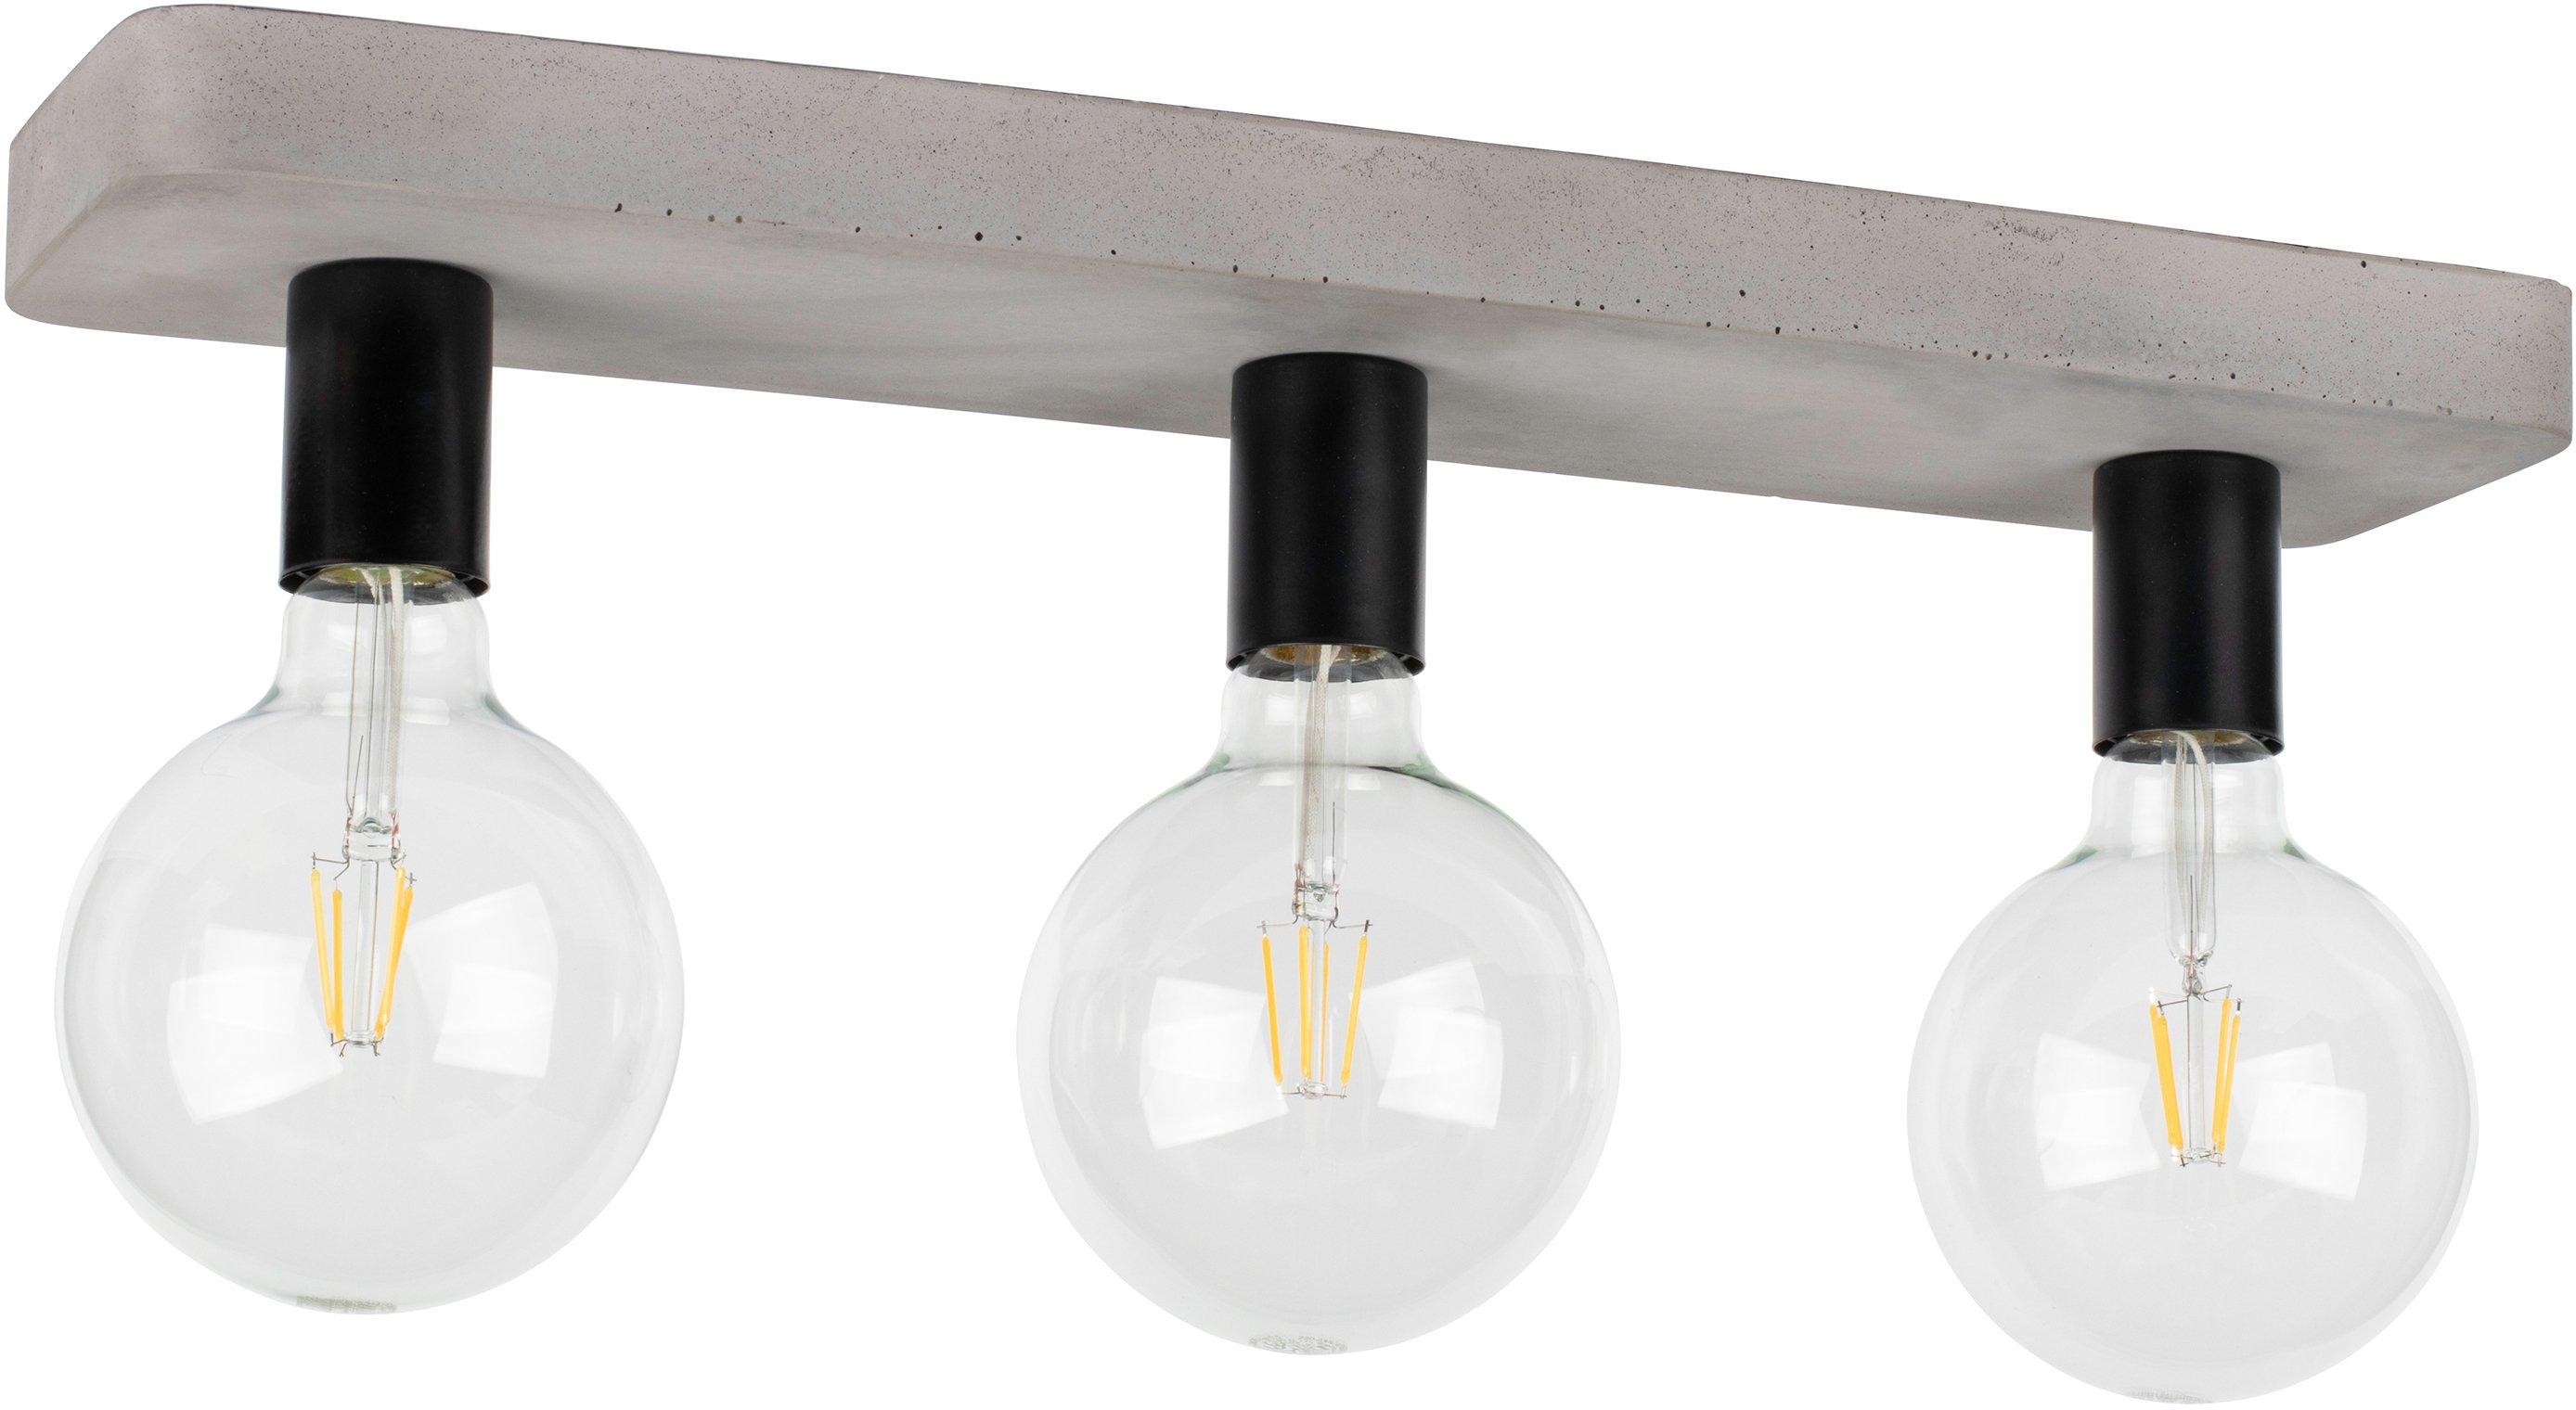 SPOT Light plafondlamp Voortaan Echt beton - met de hand gemaakt, natuurproduct - duurzaam, ideaal voor vintage-lampen, Made in Europe (1 stuk) bij OTTO online kopen